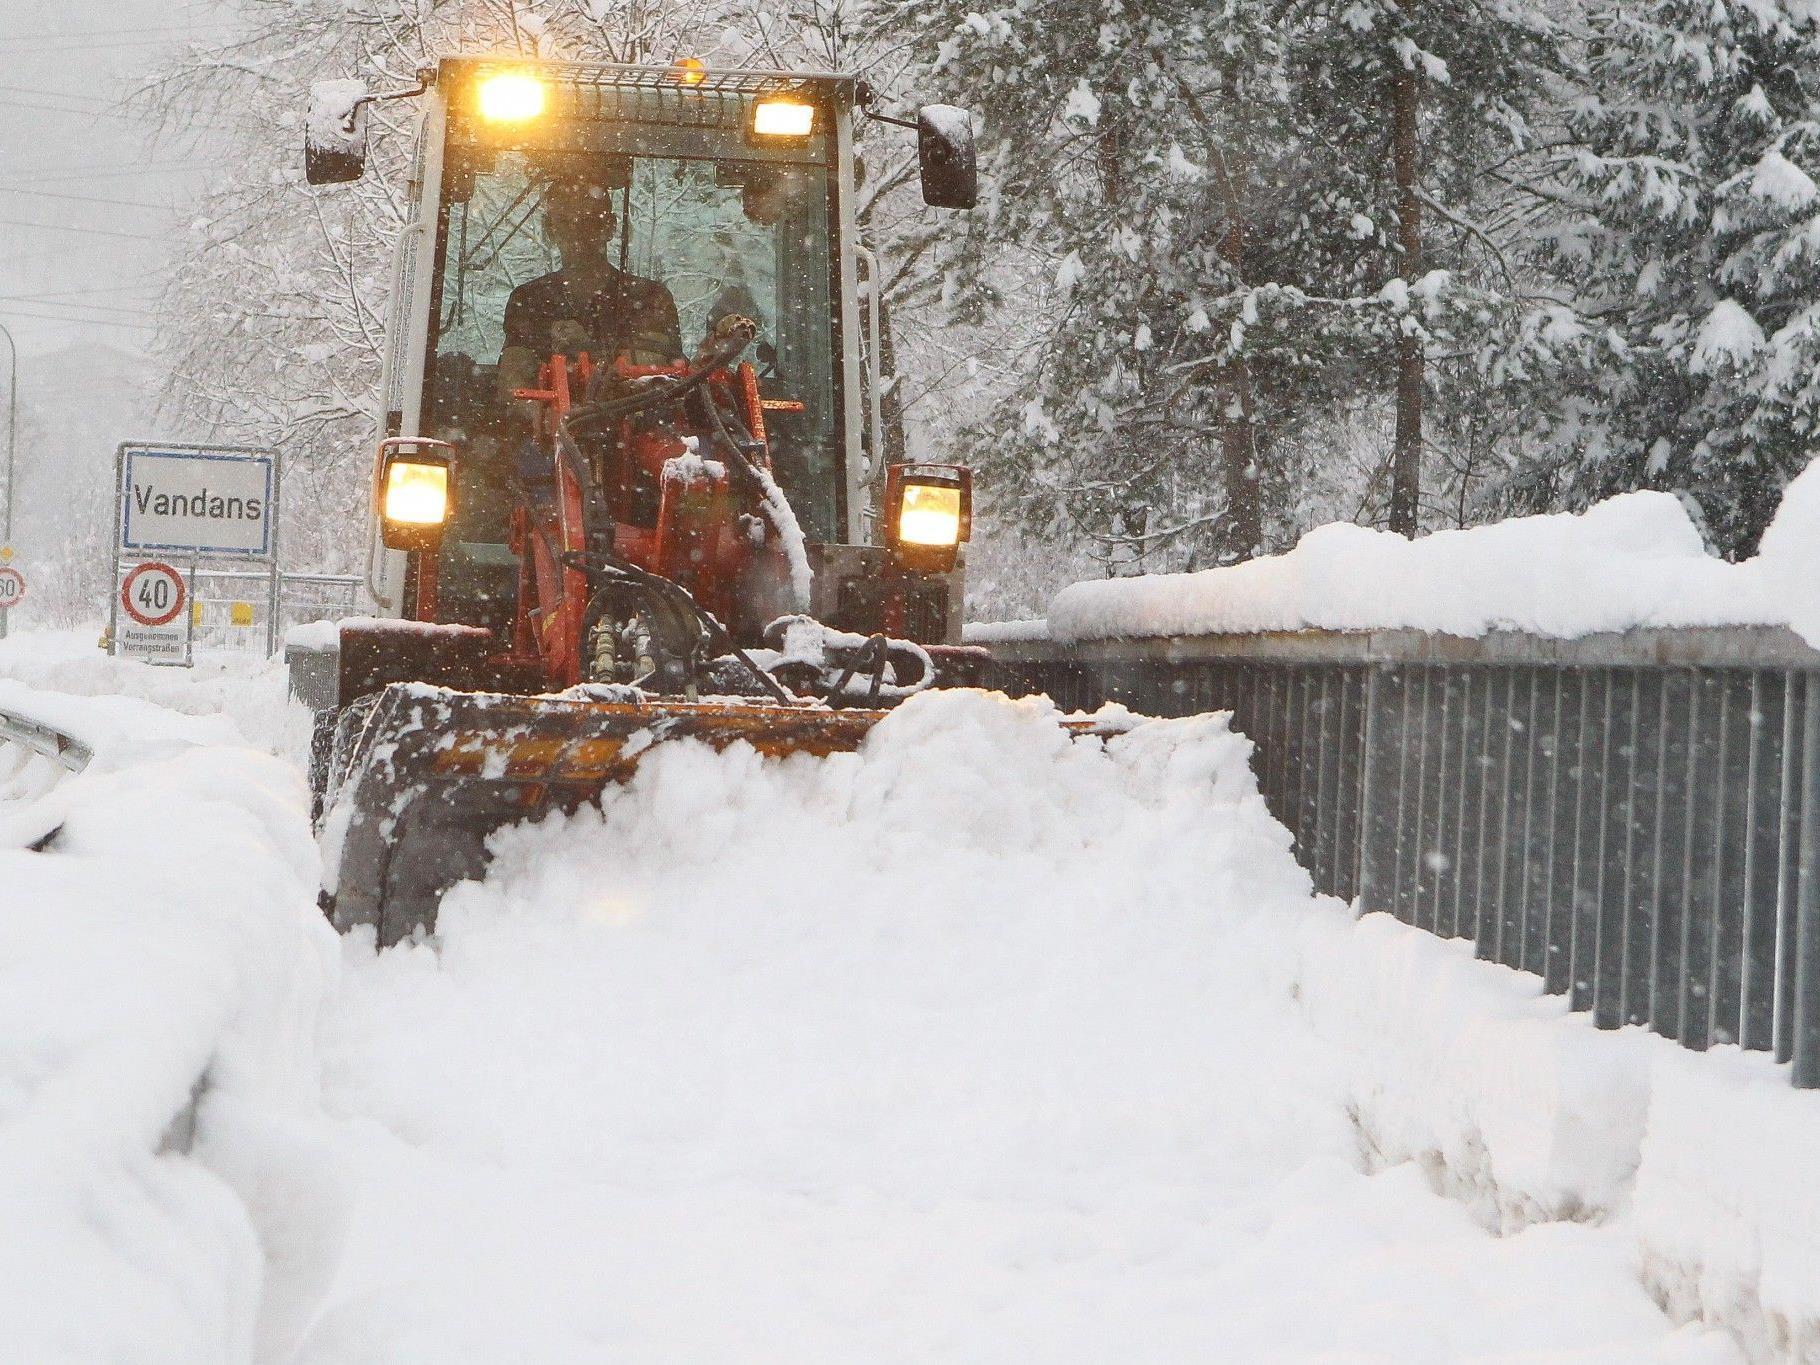 Schneeräumung in Vandans